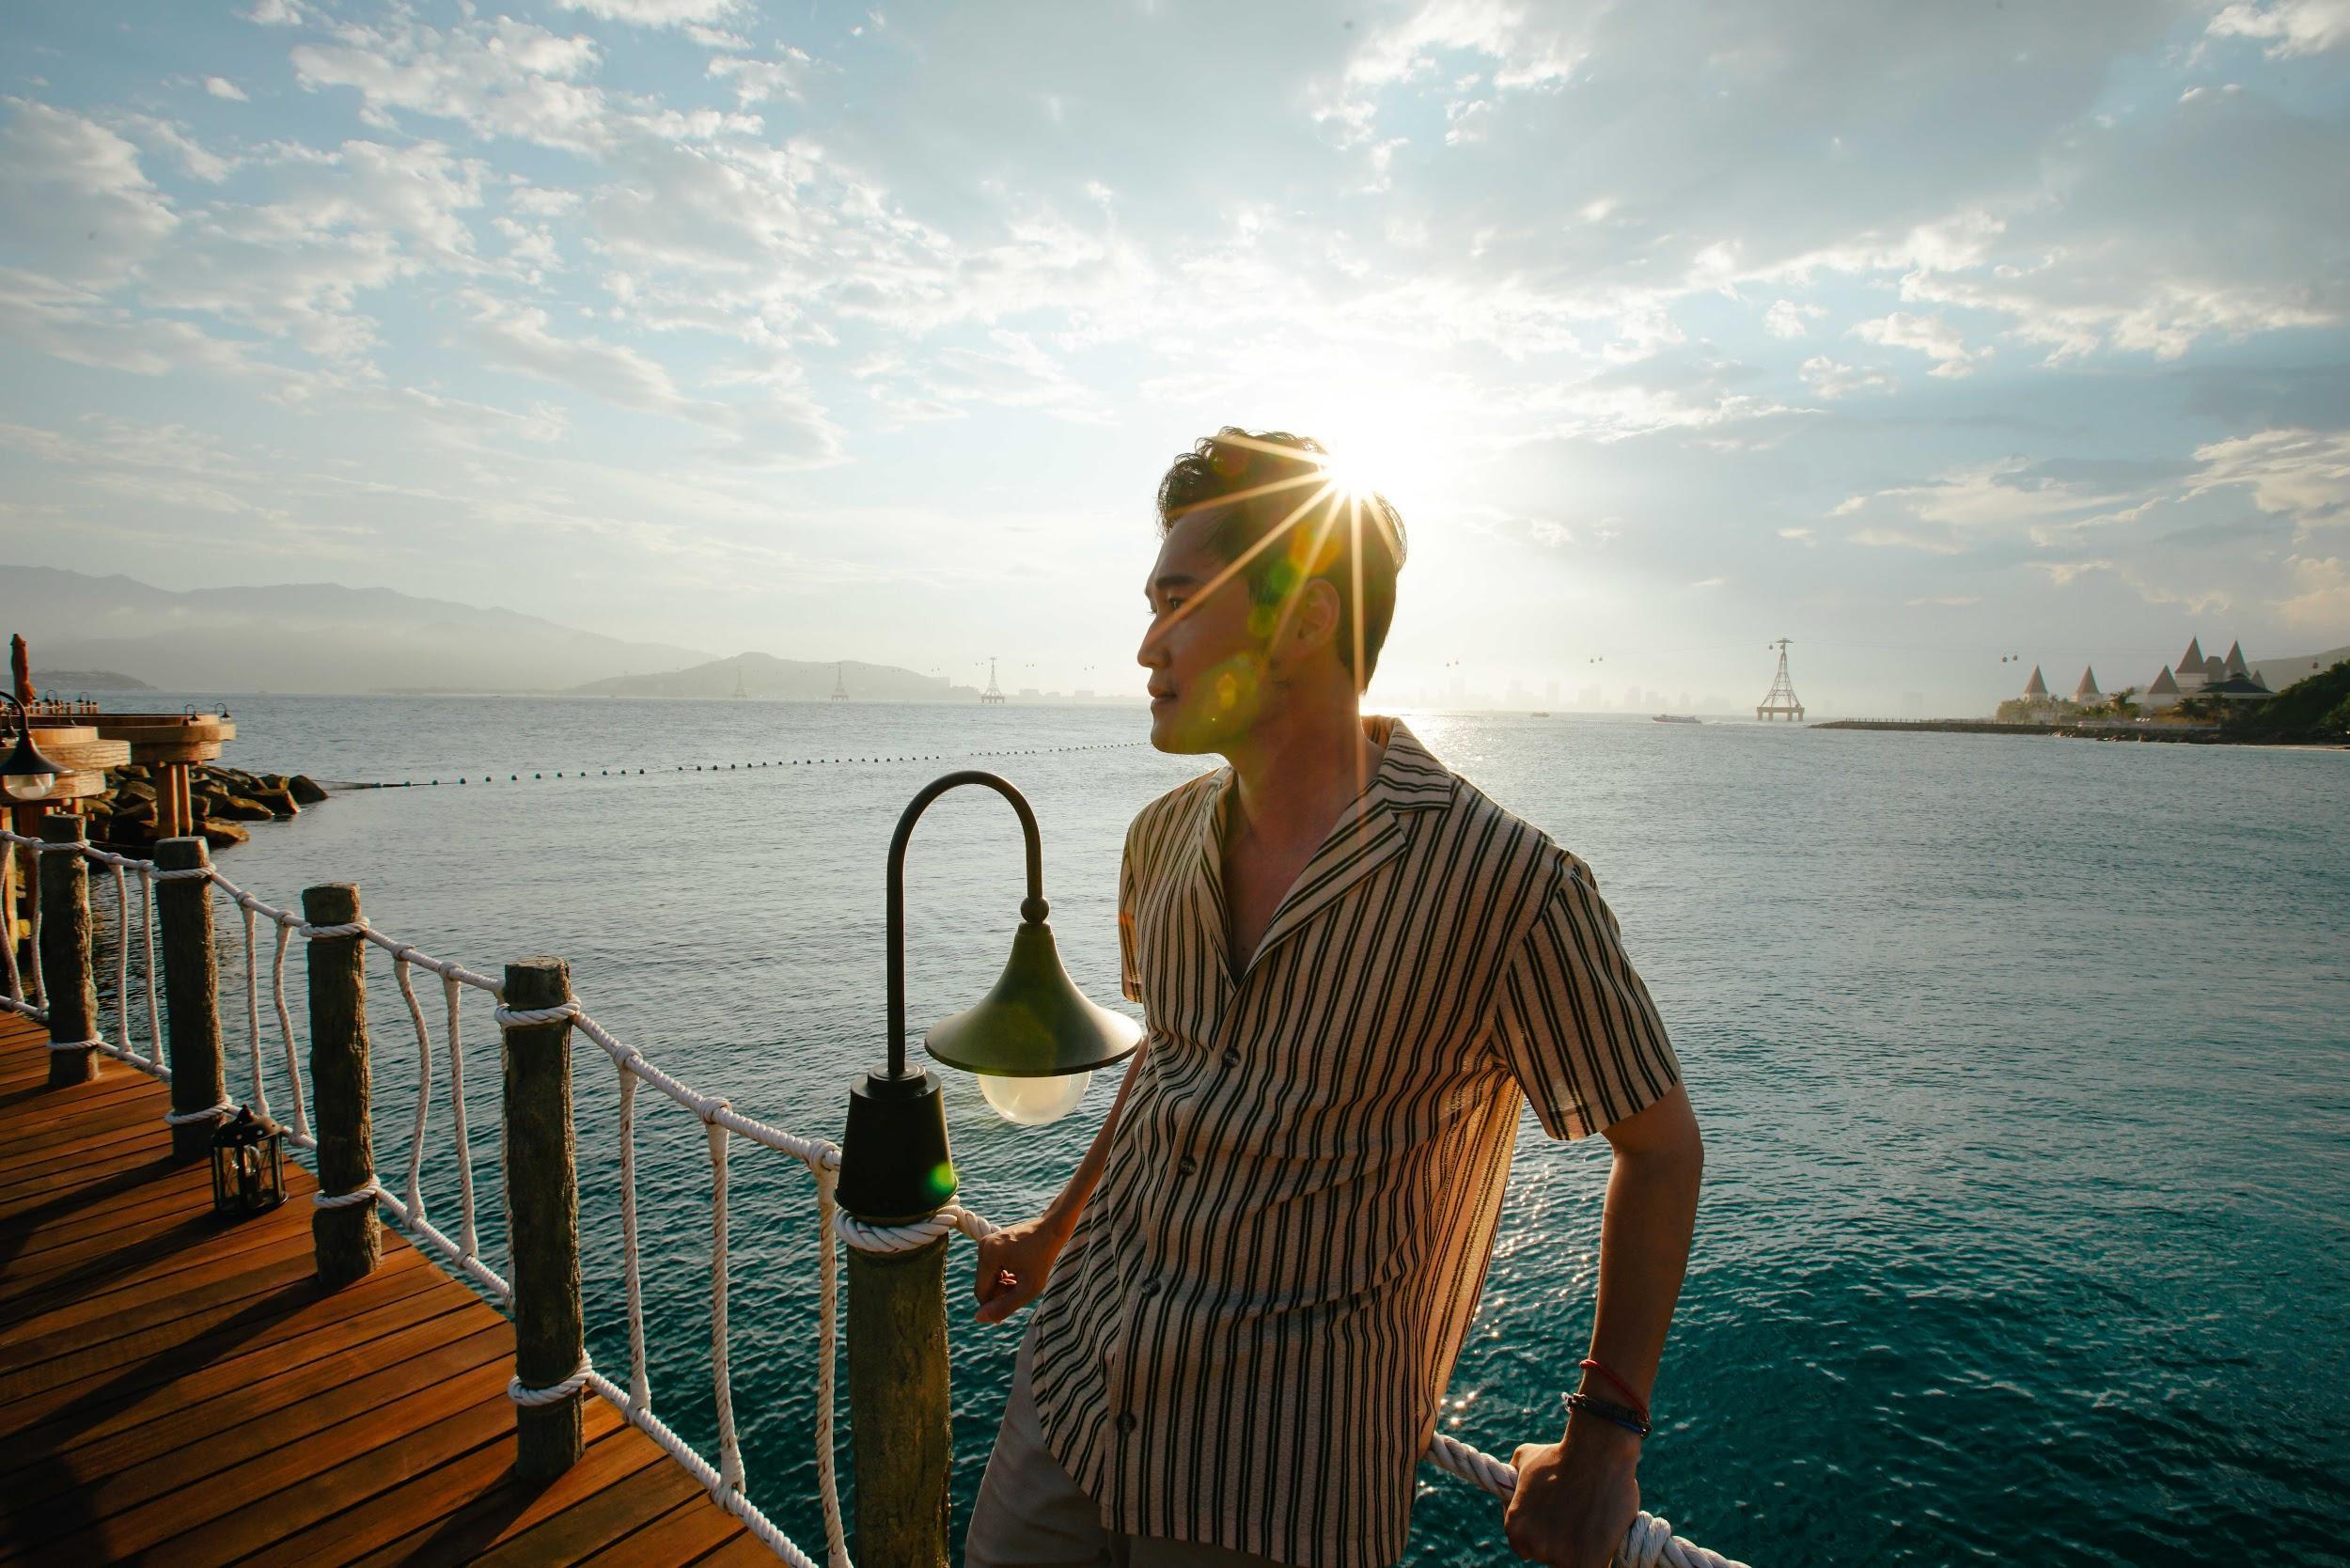 Xem review mới trên Quang Vinh Passport, chỉ muốn đi Nha Trang ngay cho kịp hè! - Ảnh 4.